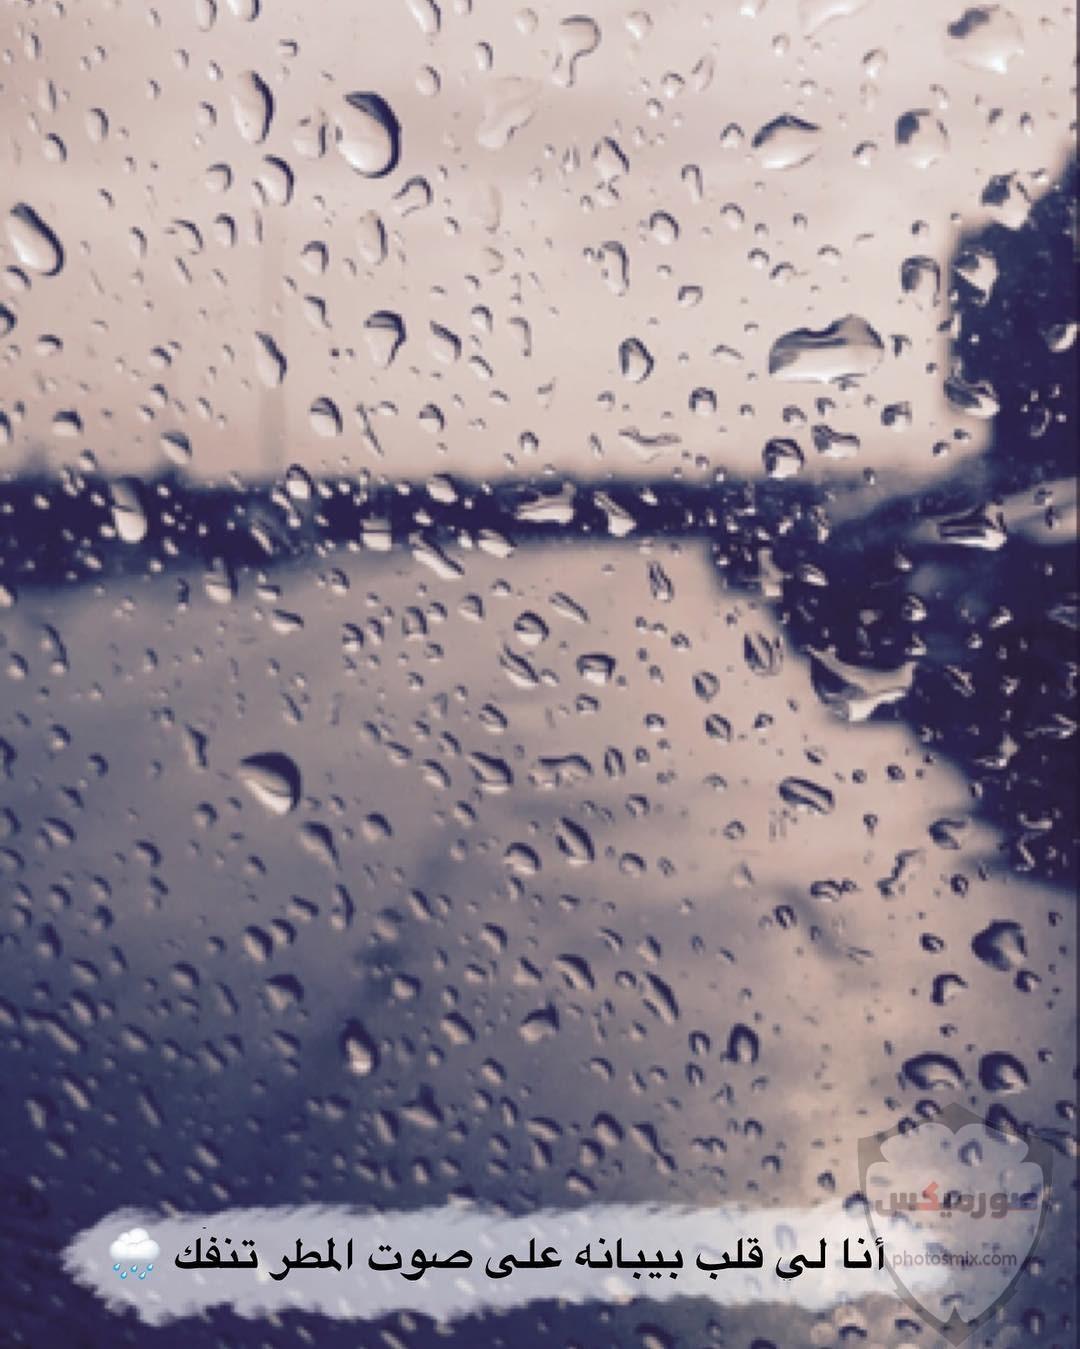 صور ادعية المطر مكتوبة لفيس بوك وتويتر رمزيات مطر 5 2